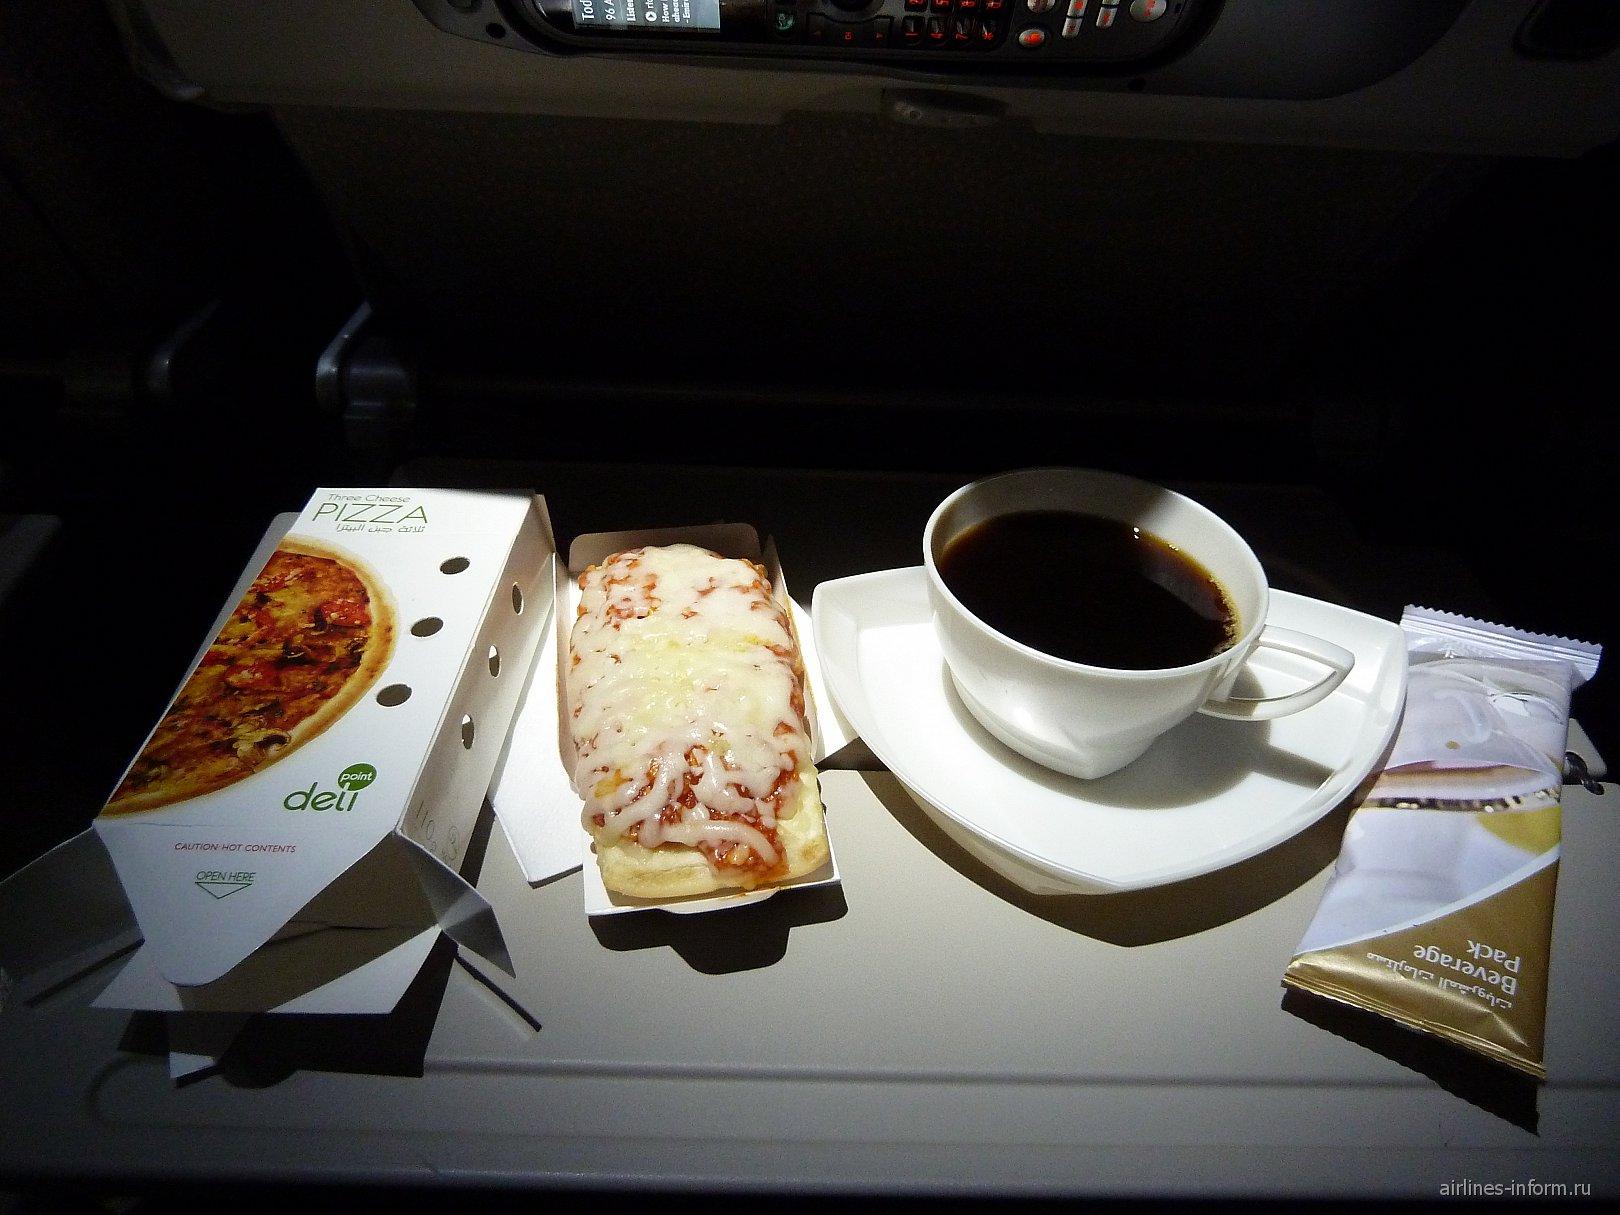 Питание на рейсе Эмирейтс Дубай-Сидней